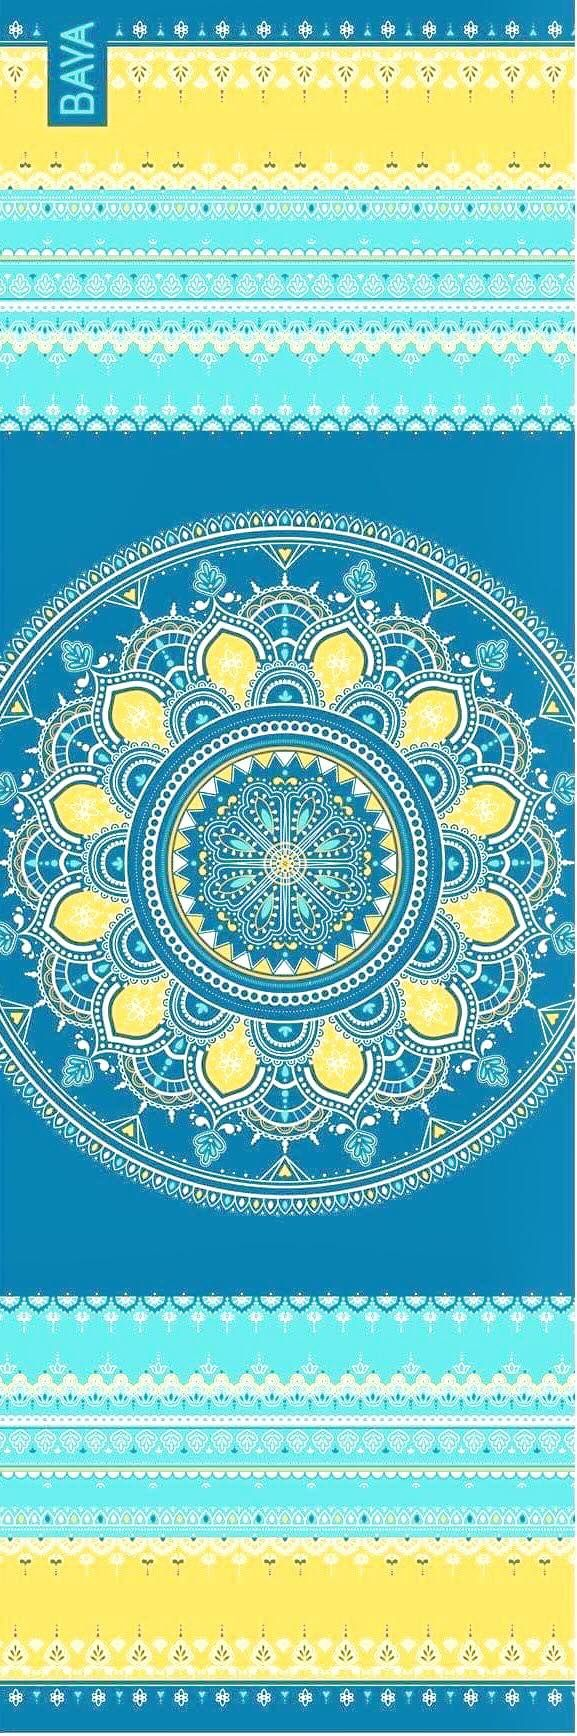 Krásná designová podložka najógu sdesignem inspirovaným Indií pro cvičení jógy doma iv jógovém studiu.